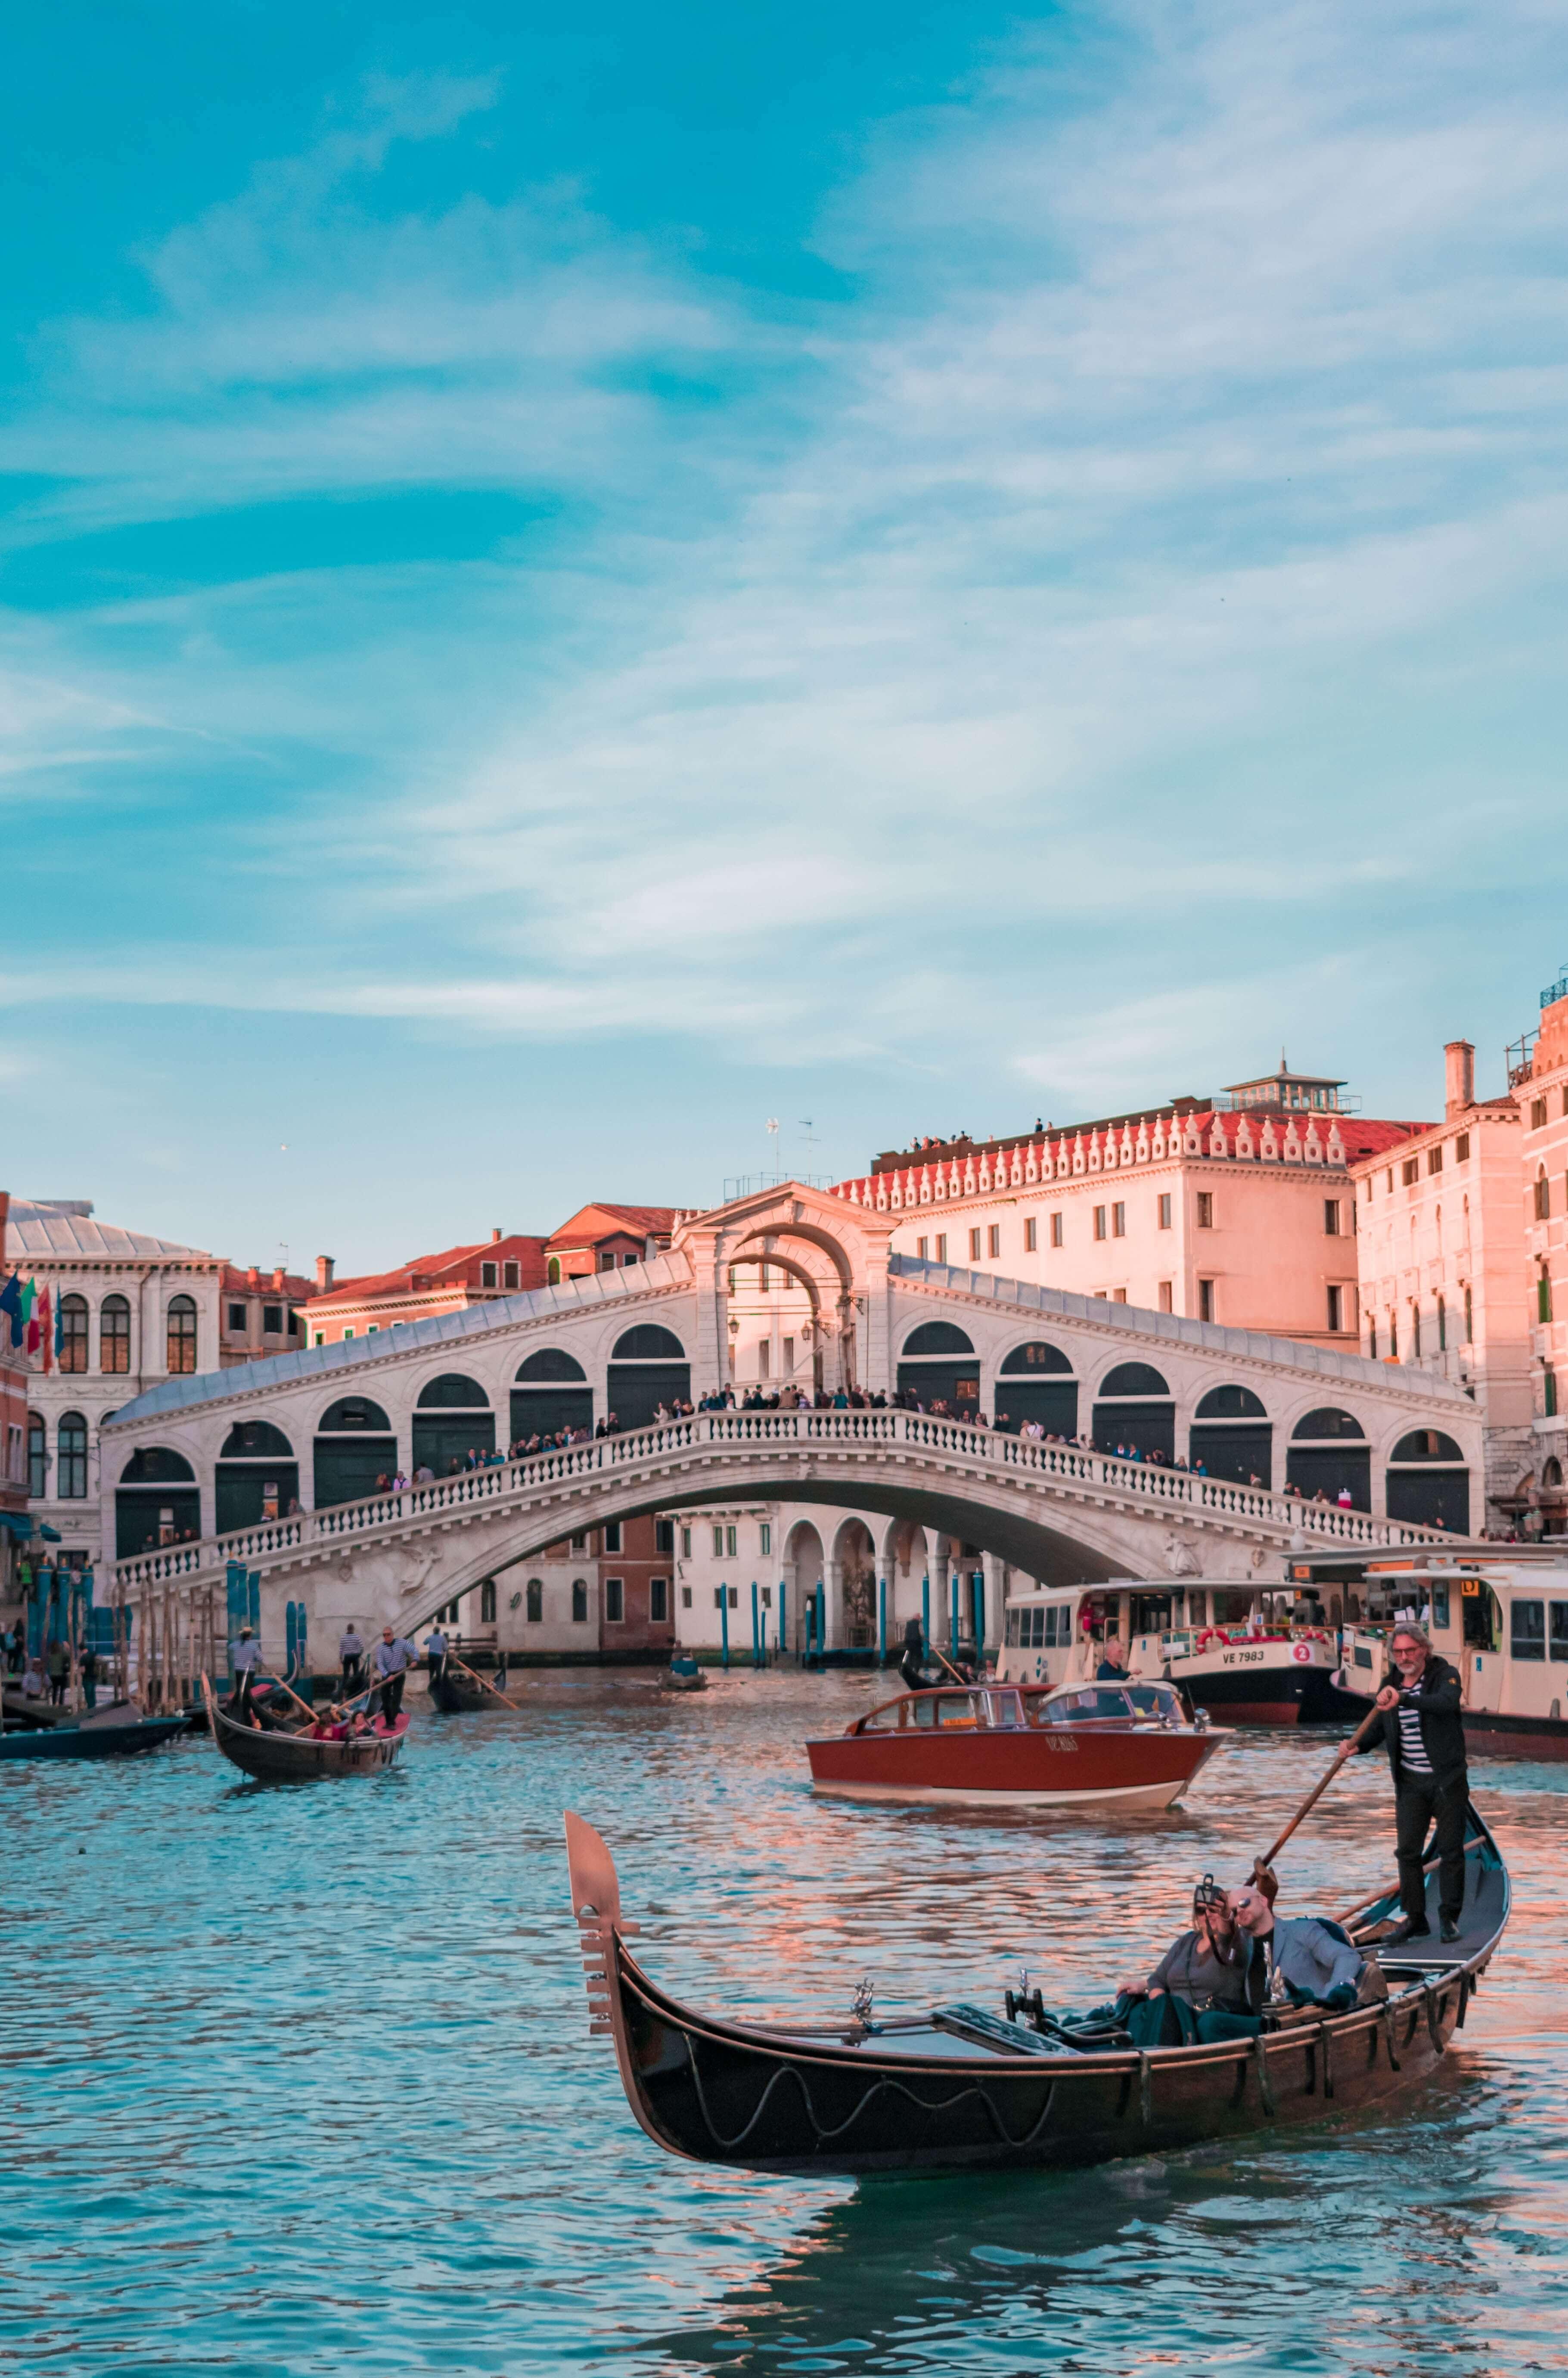 Lista di Spagna Venice